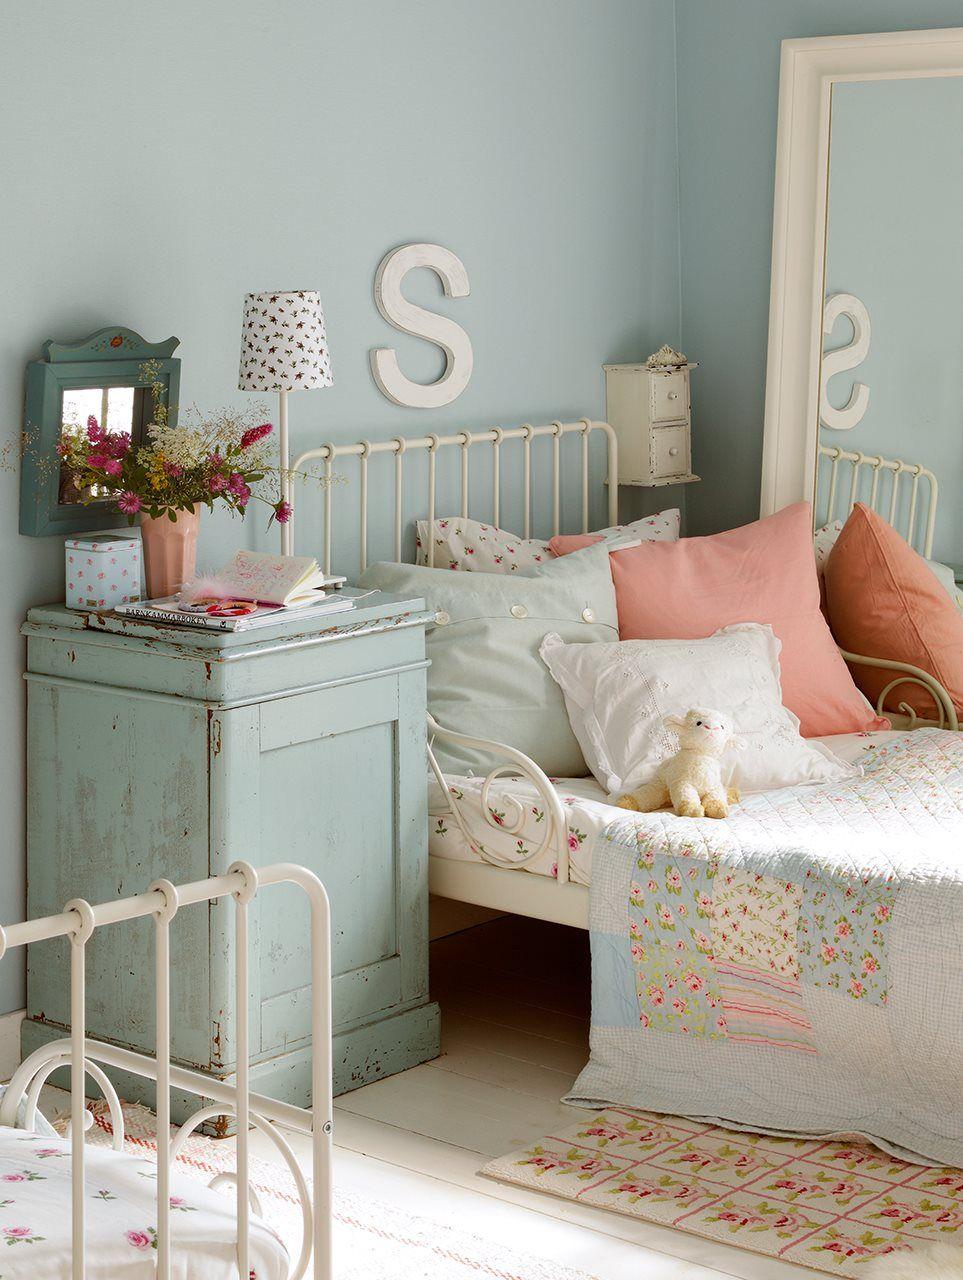 rincon_de_dormitorio_con_cama_de_hierro_lacado_en_blanco_y_pared_y_comoda_en_azul_pastel_963x1280